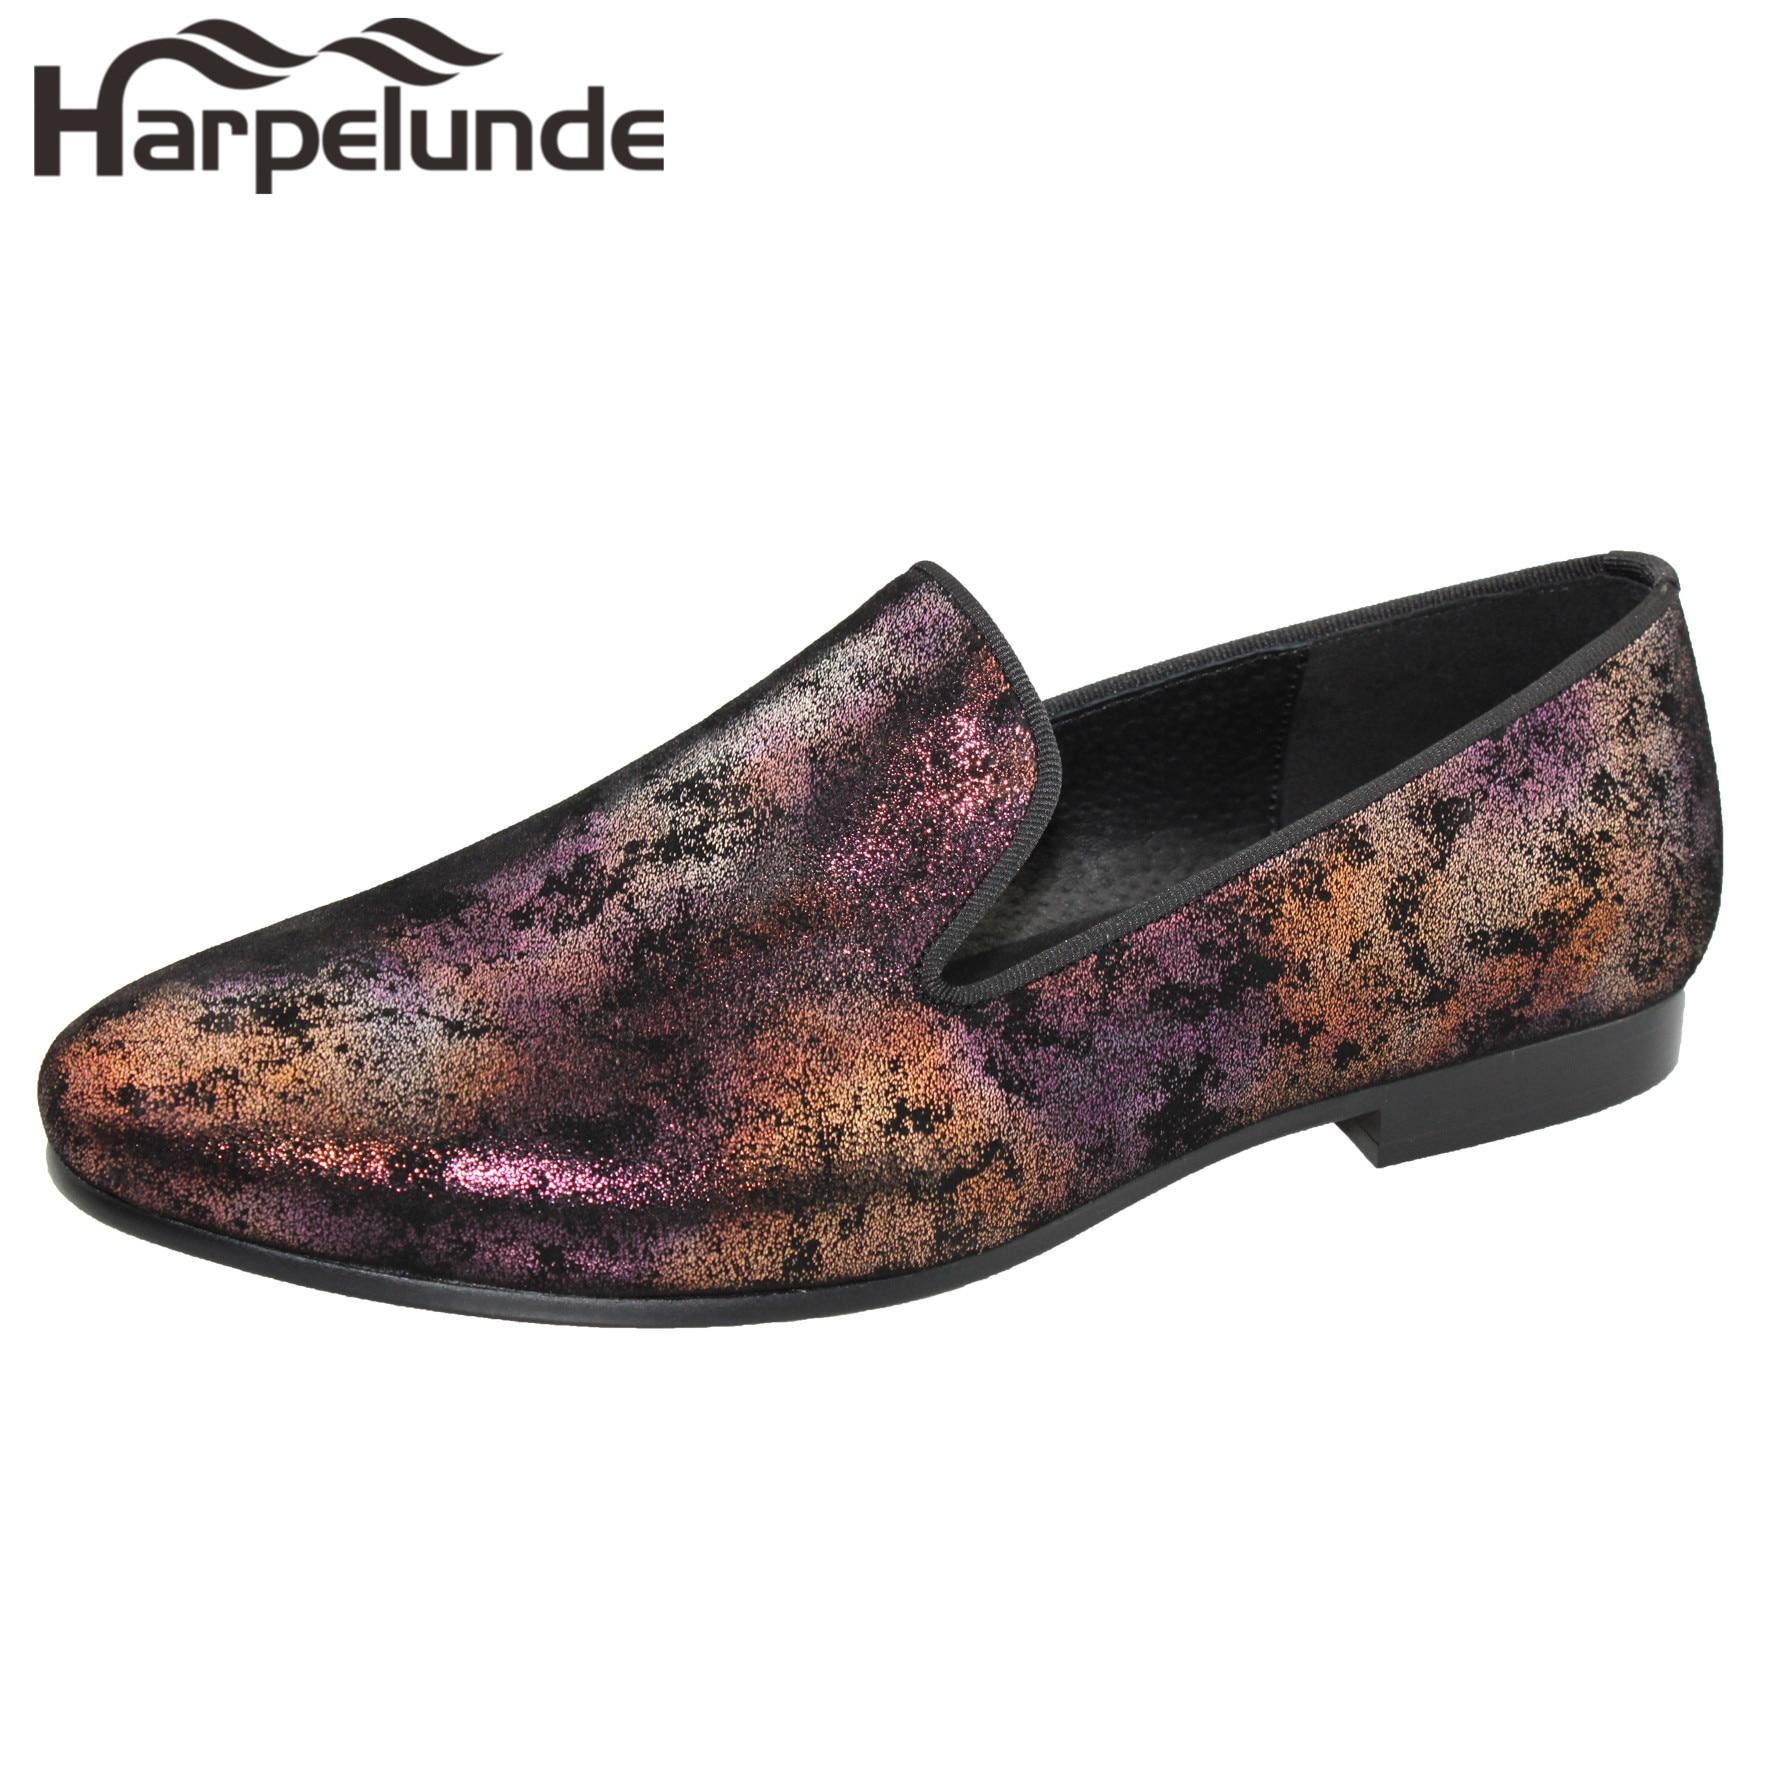 Homens Assorted Flats Sapatos Pintura Harpelunde De Se Vestem Casamento Couro rnqzxwrPS